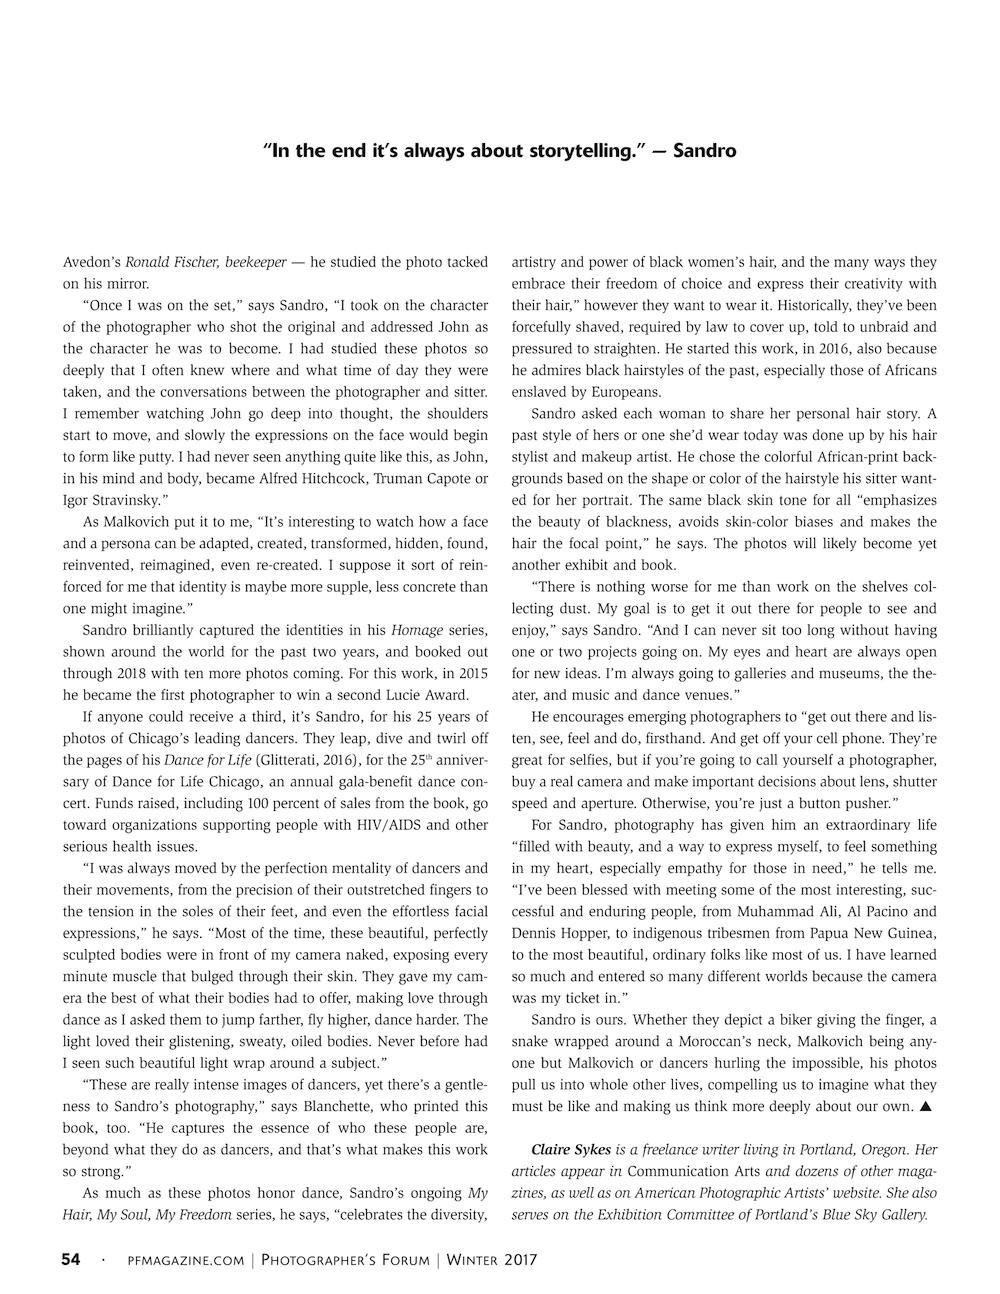 PFNOV17 Sandro cropped PDF-11.png